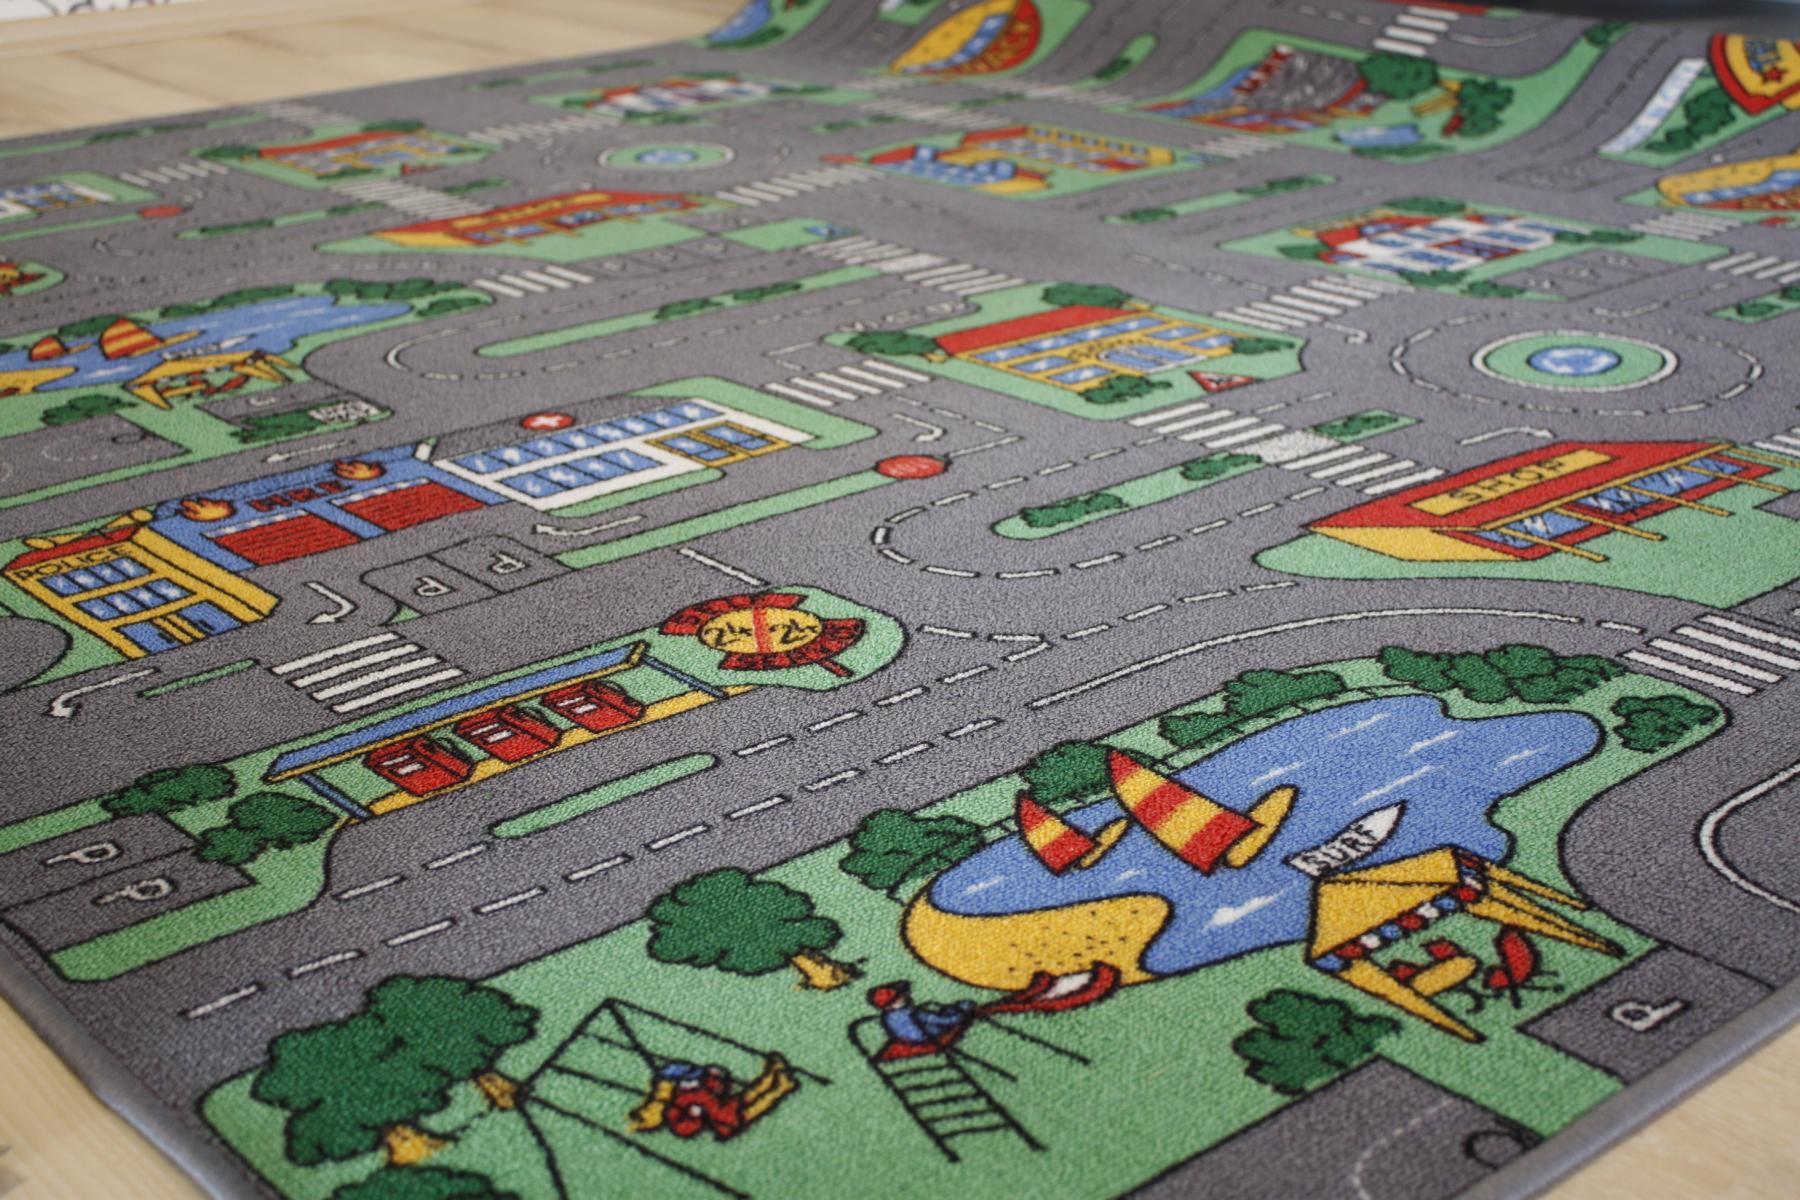 Tappeto stradale bambini tappeto gioco citt 200x160 cm - Tappeto riscaldamento pavimento ...